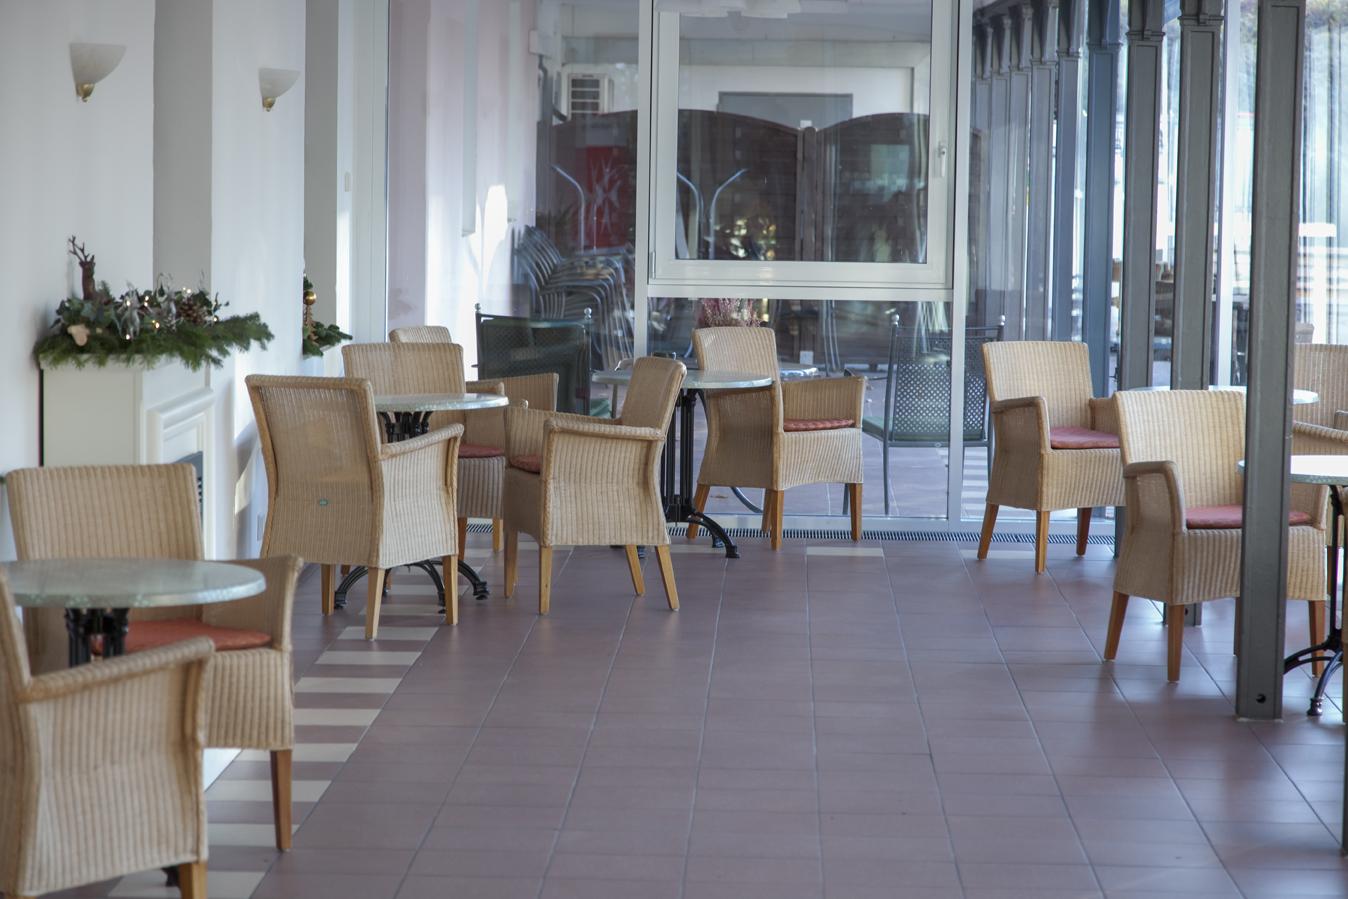 Aufenthaltsraum mit Korbstühlen und Tischen